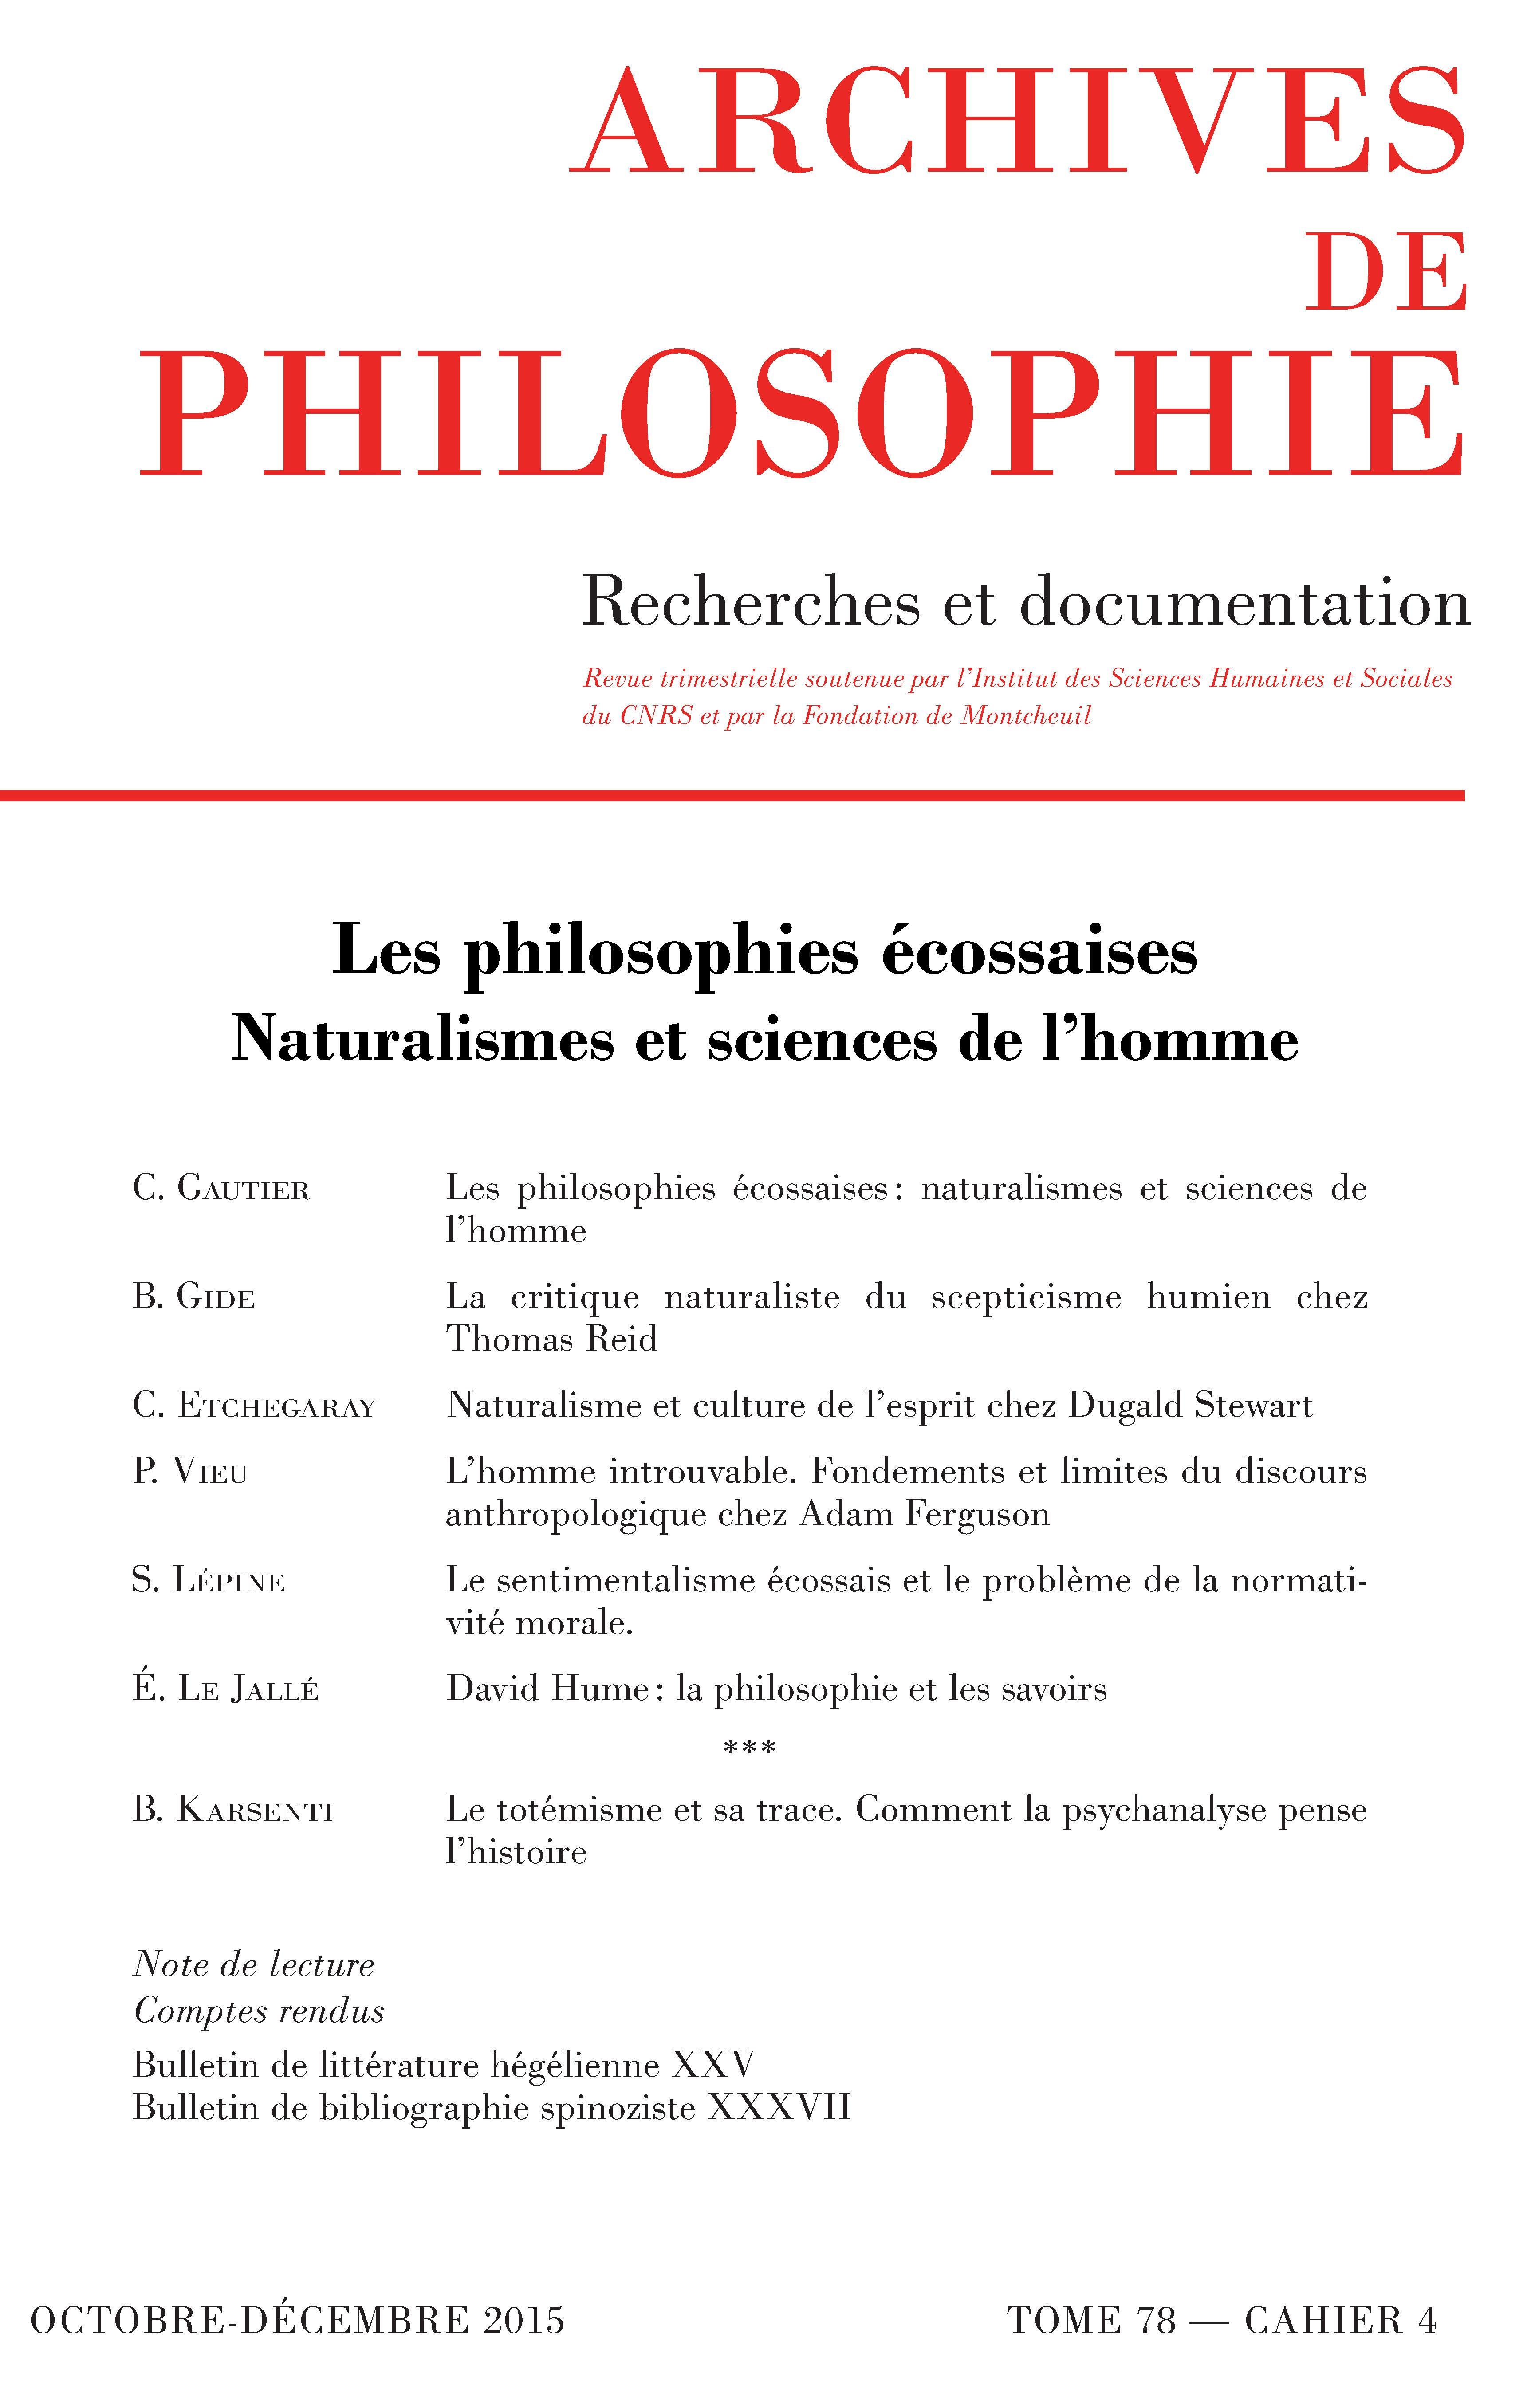 Philosophie de la Liberté (Tome I) Cours de philosophie morale (French Edition)